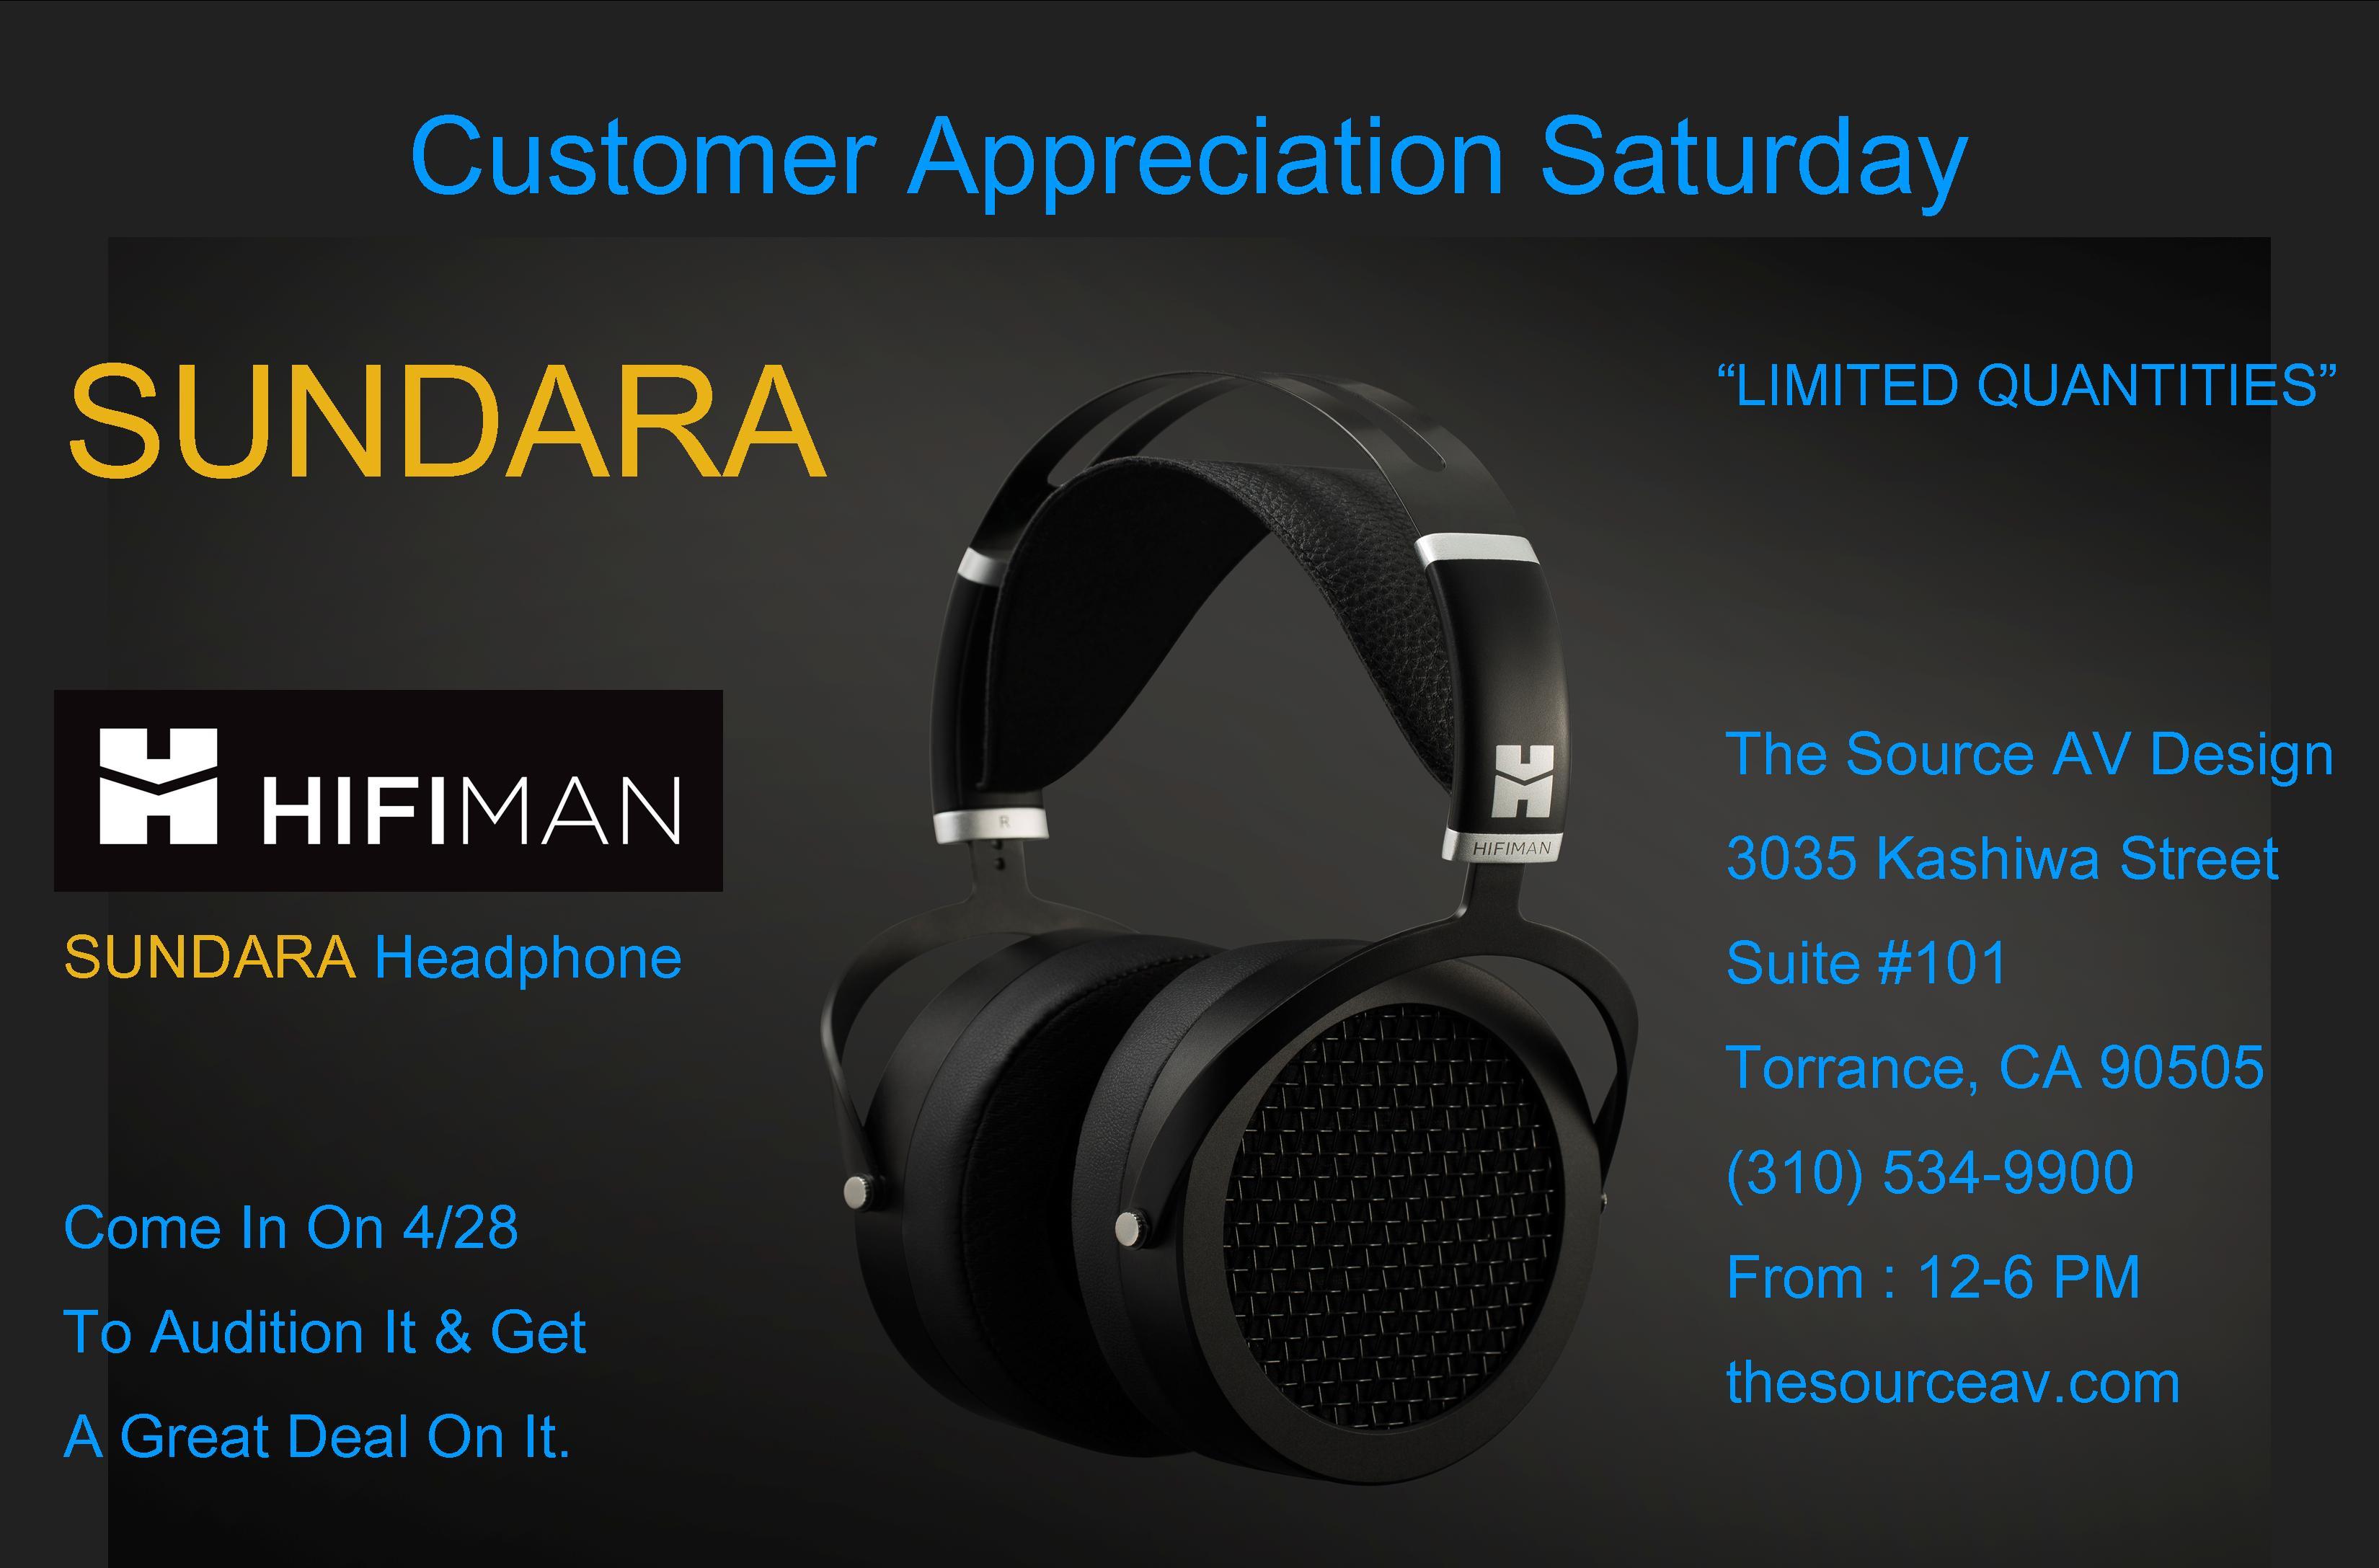 Customer Appreciation Saturday